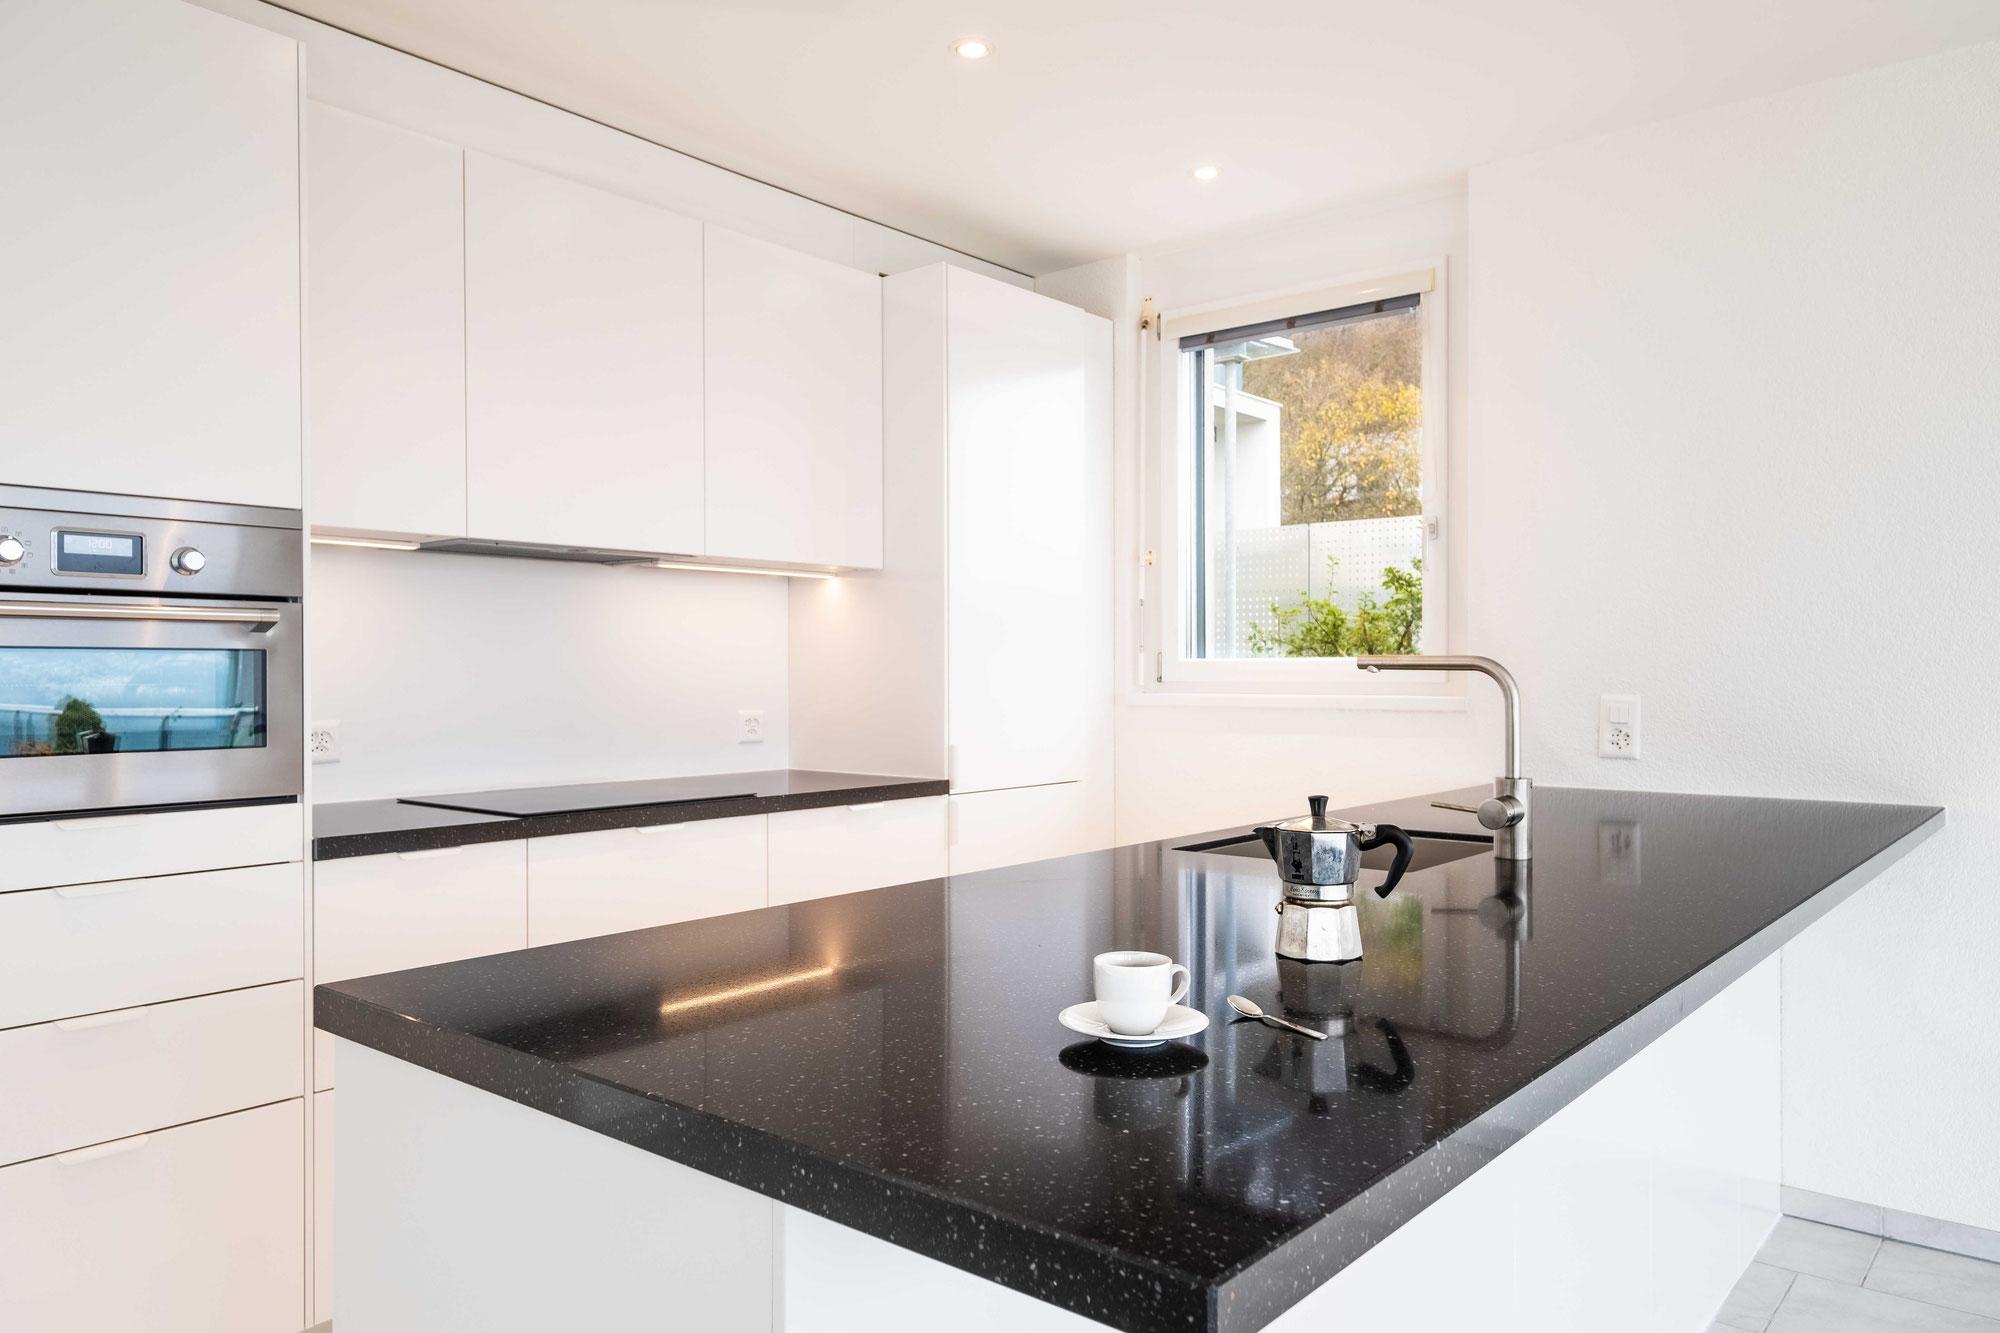 新築マンション購入の選択